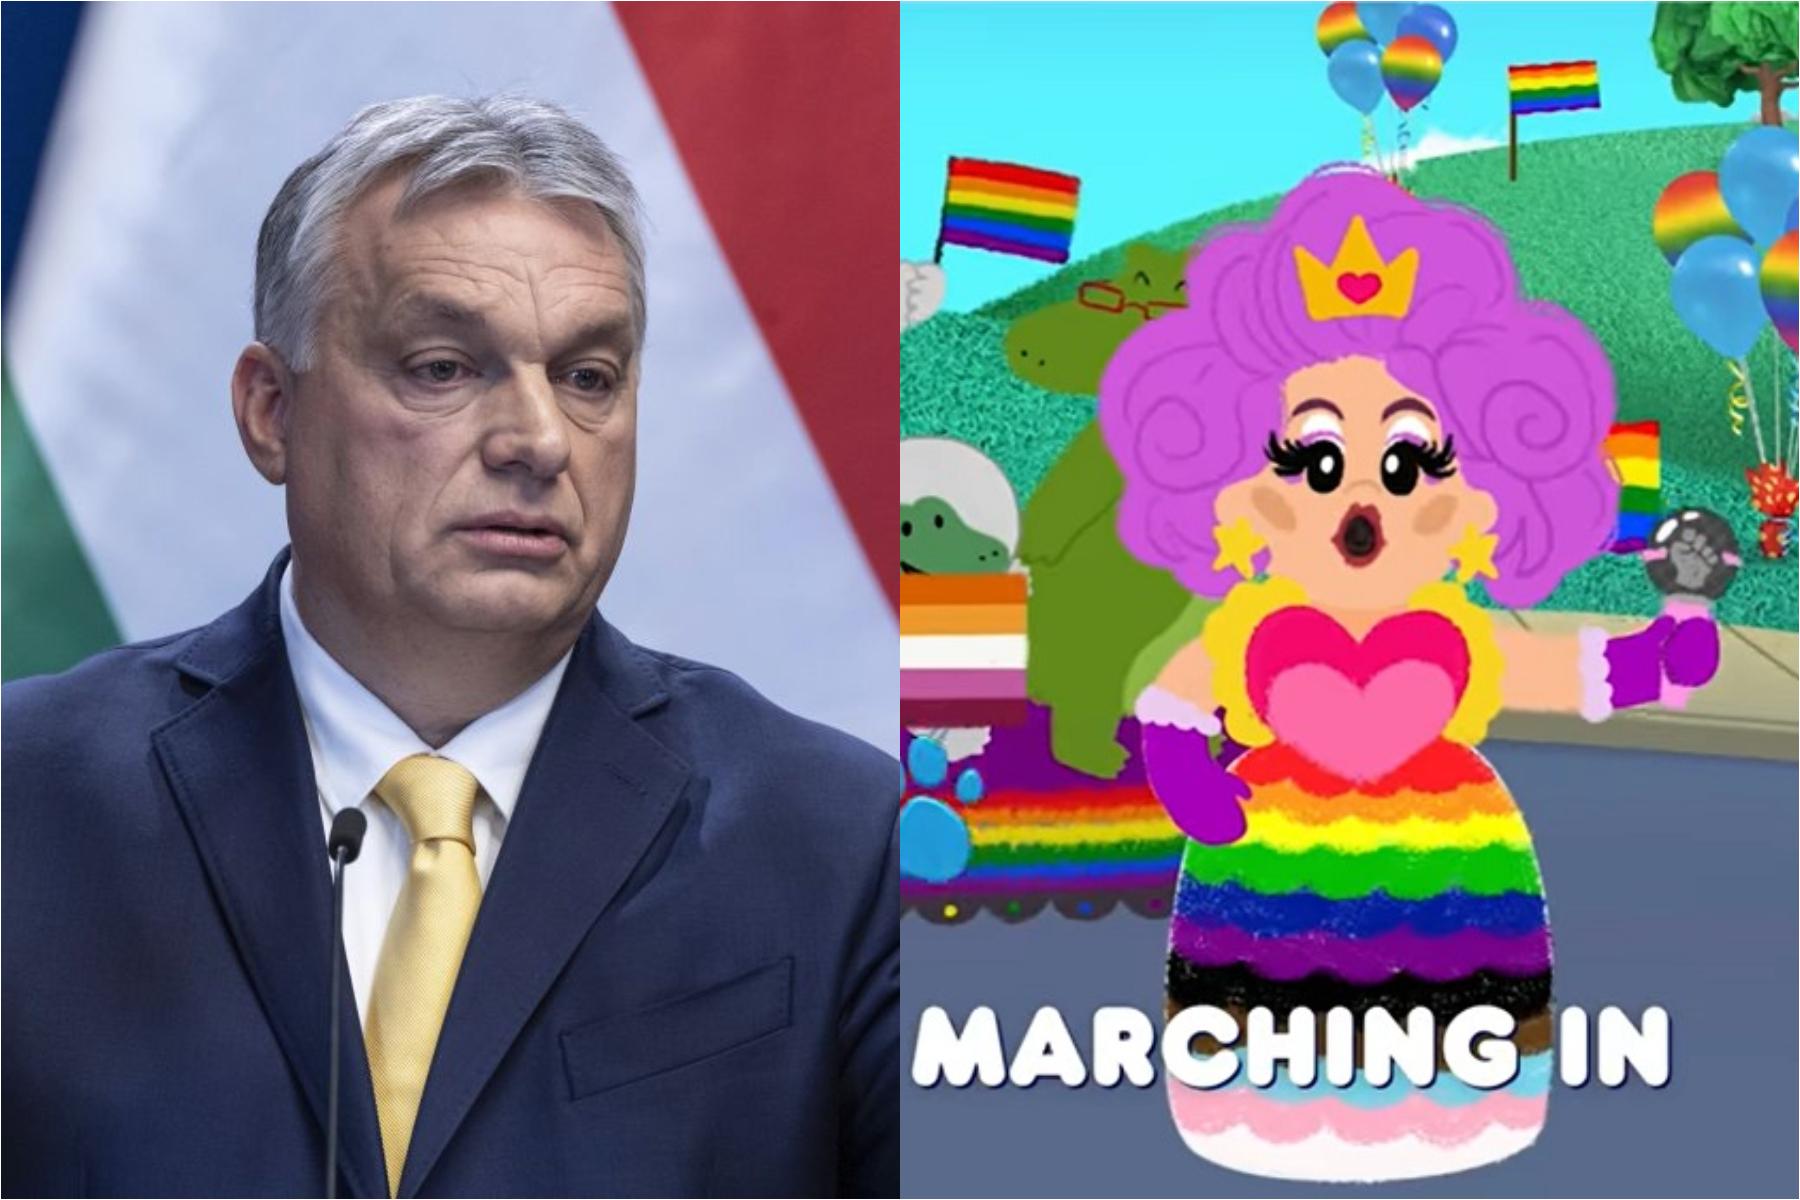 Mađarska donijela novi zakon protiv pedofilije, kojim se zabranjuje i LGBT propaganda za maloljetnike